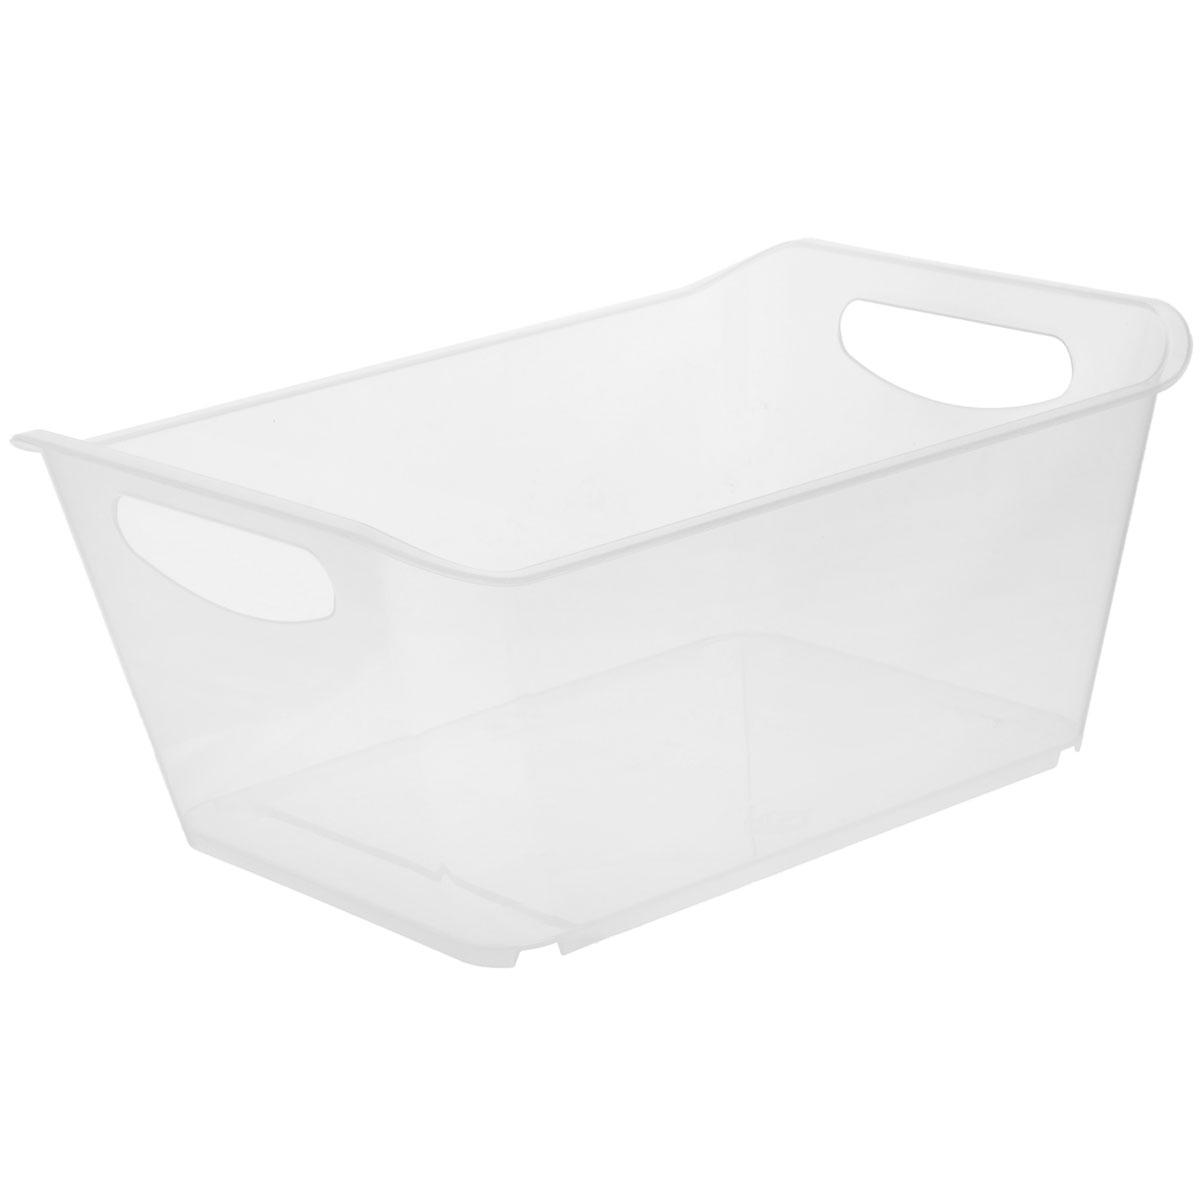 Контейнер Gensini, цвет: прозрачный, 10 л3332_прозрачныйКонтейнер Gensini выполнен из прочного пластика. Он предназначен для хранения различных мелких вещей в ванной, на кухне, даче или гараже, исключая возможность их потери. По бокам контейнера предусмотрены две удобные ручки для его переноски. Контейнер поможет хранить все в одном месте, а также защитить вещи от пыли, грязи и влаги. Объем: 10 л.